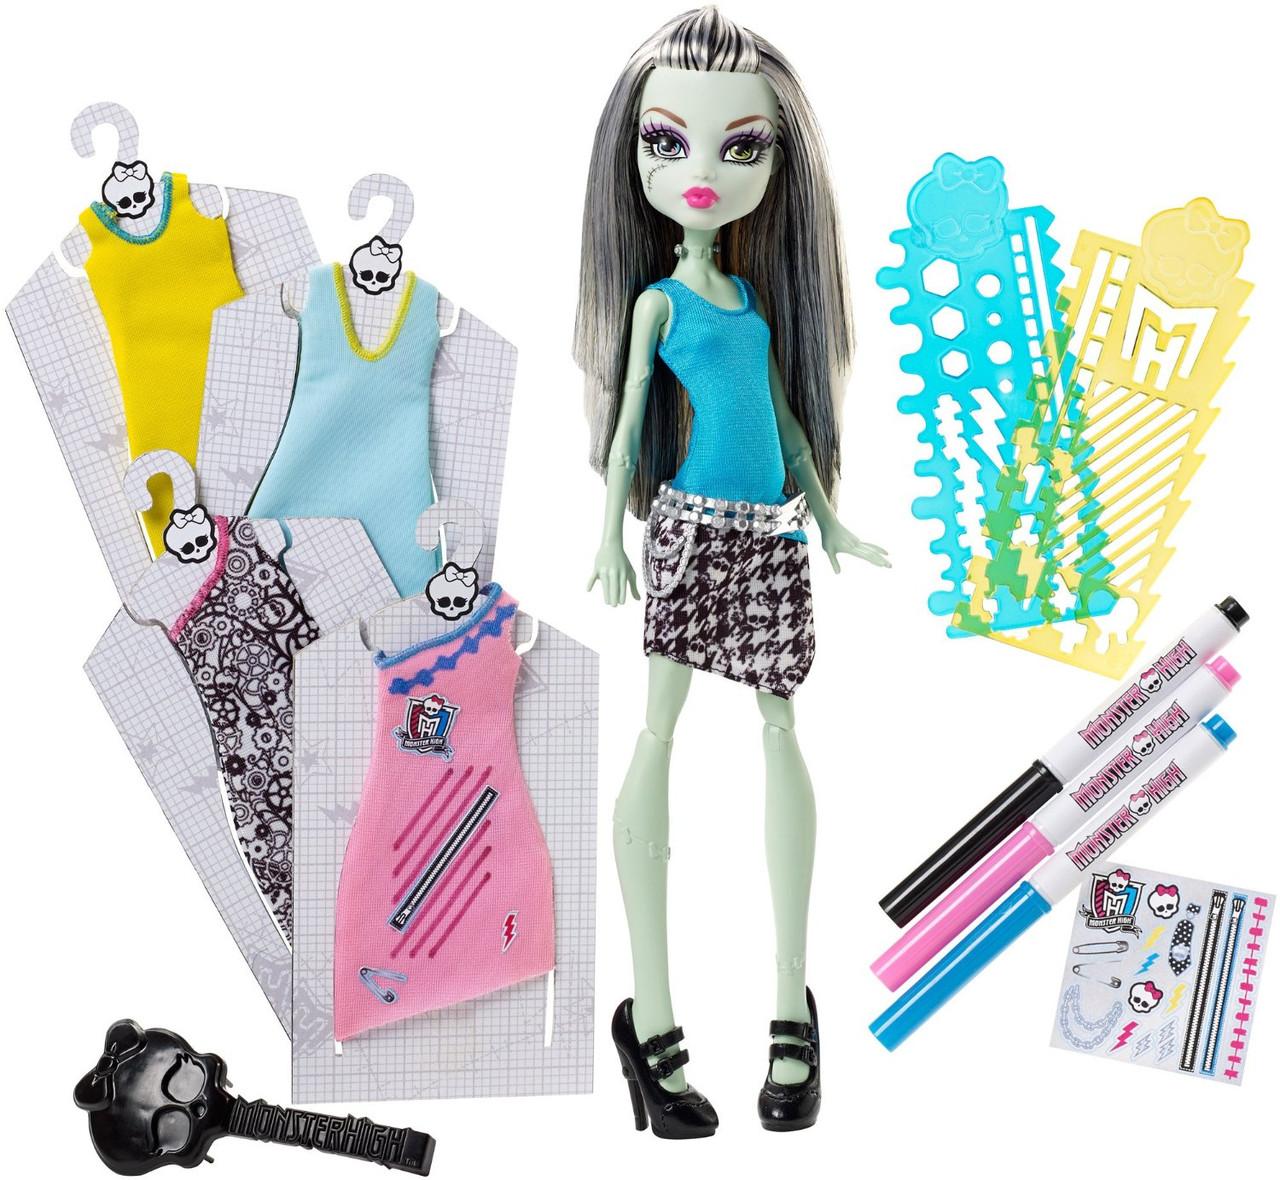 Monster High набор Фрэнки Штейн Дизайнерский Бутик Frankie Stein Doll & Fashions